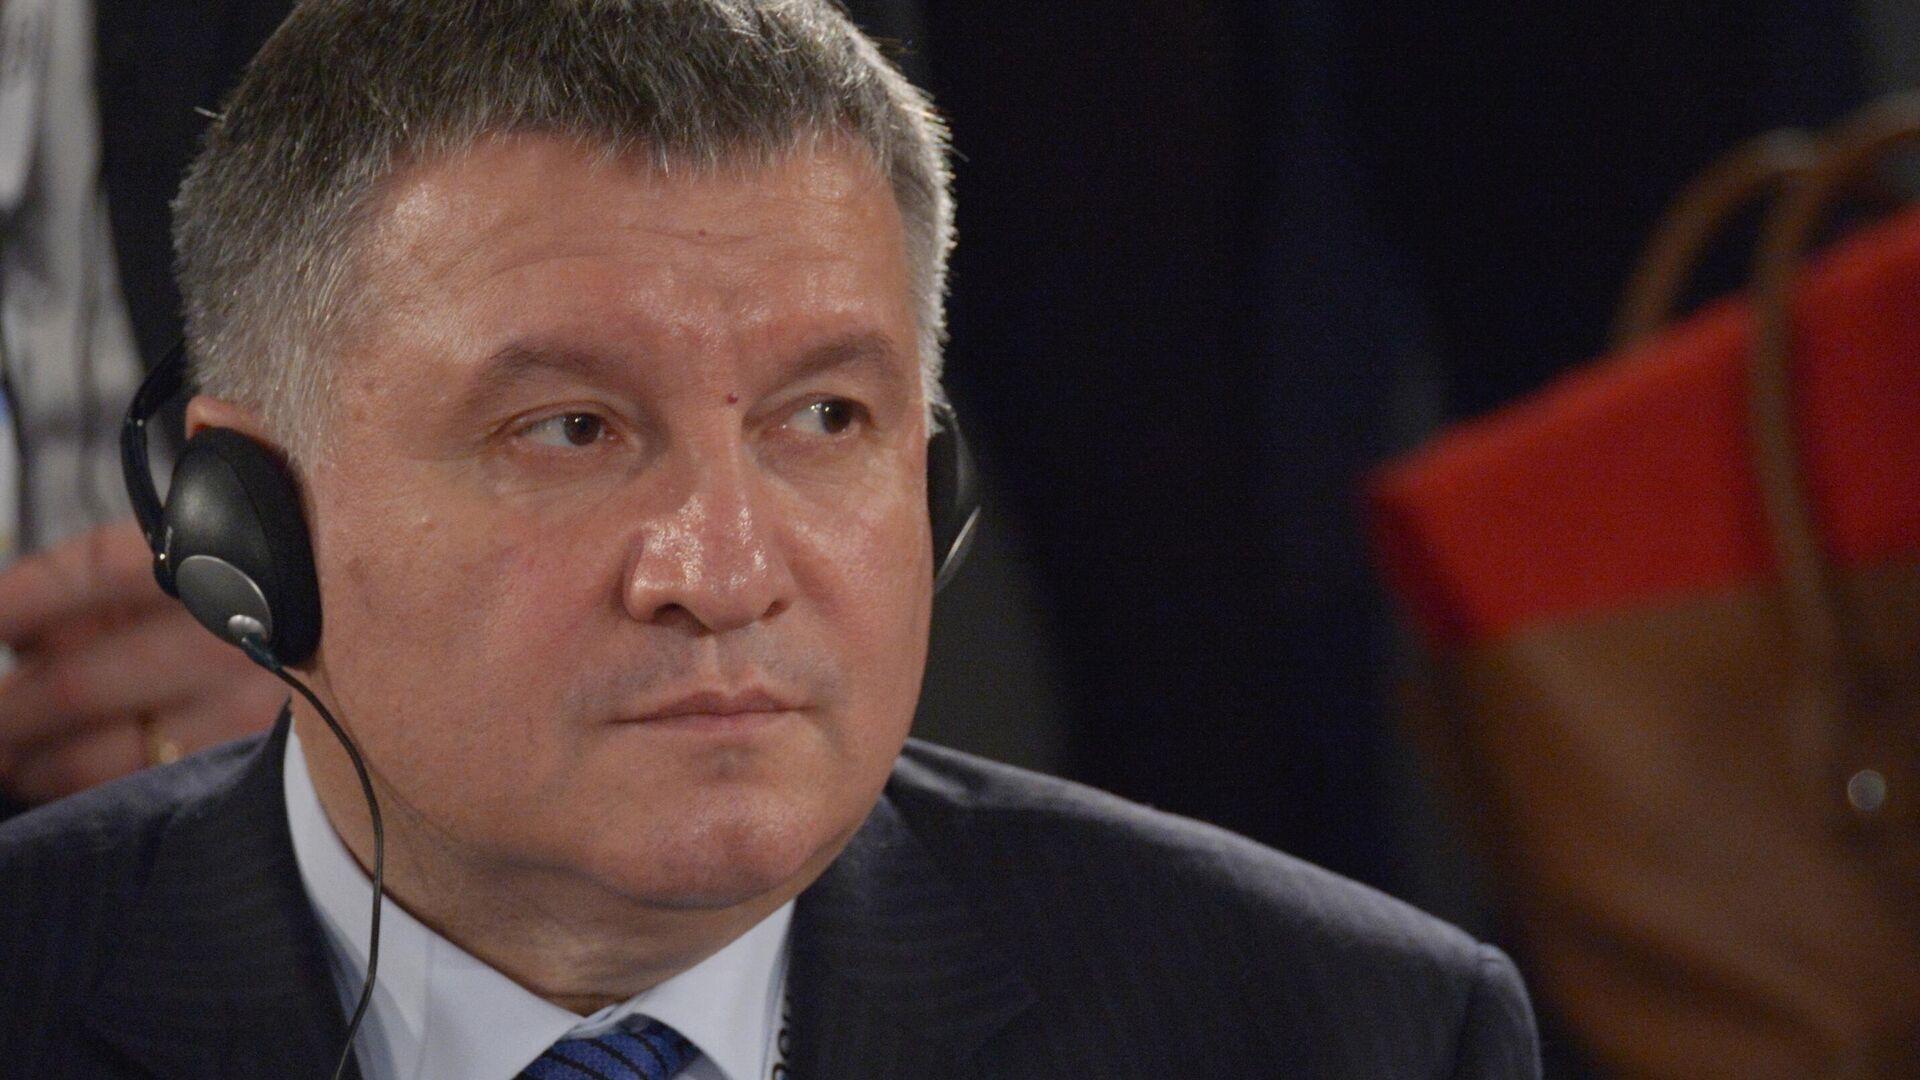 Министр внутренних дел Украины Арсен Аваков на Мюнхенской конференции по безопасности в Мюнхене - РИА Новости, 1920, 01.03.2021